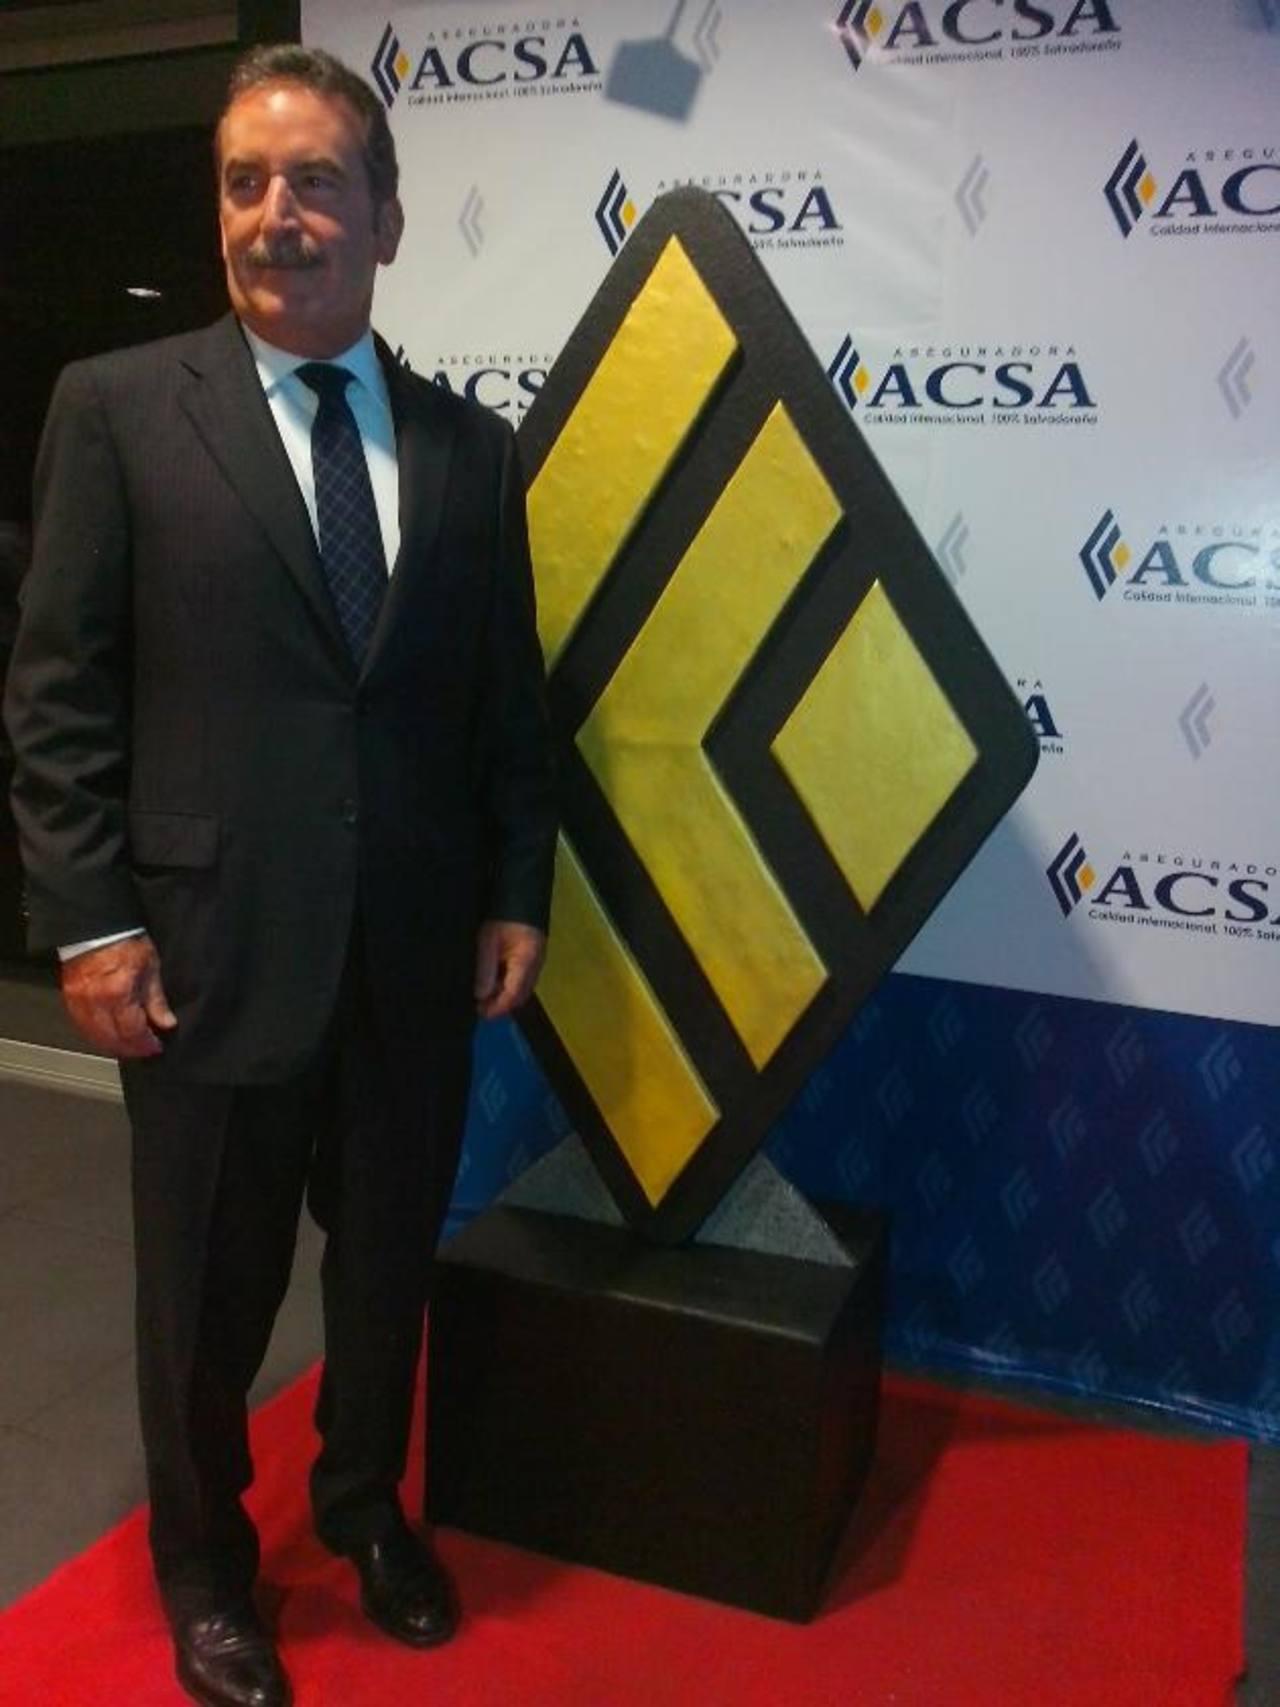 Durante el evento, el presidente de ACSA, Luis Escalante. Foto EDH / Xenia Zepeda